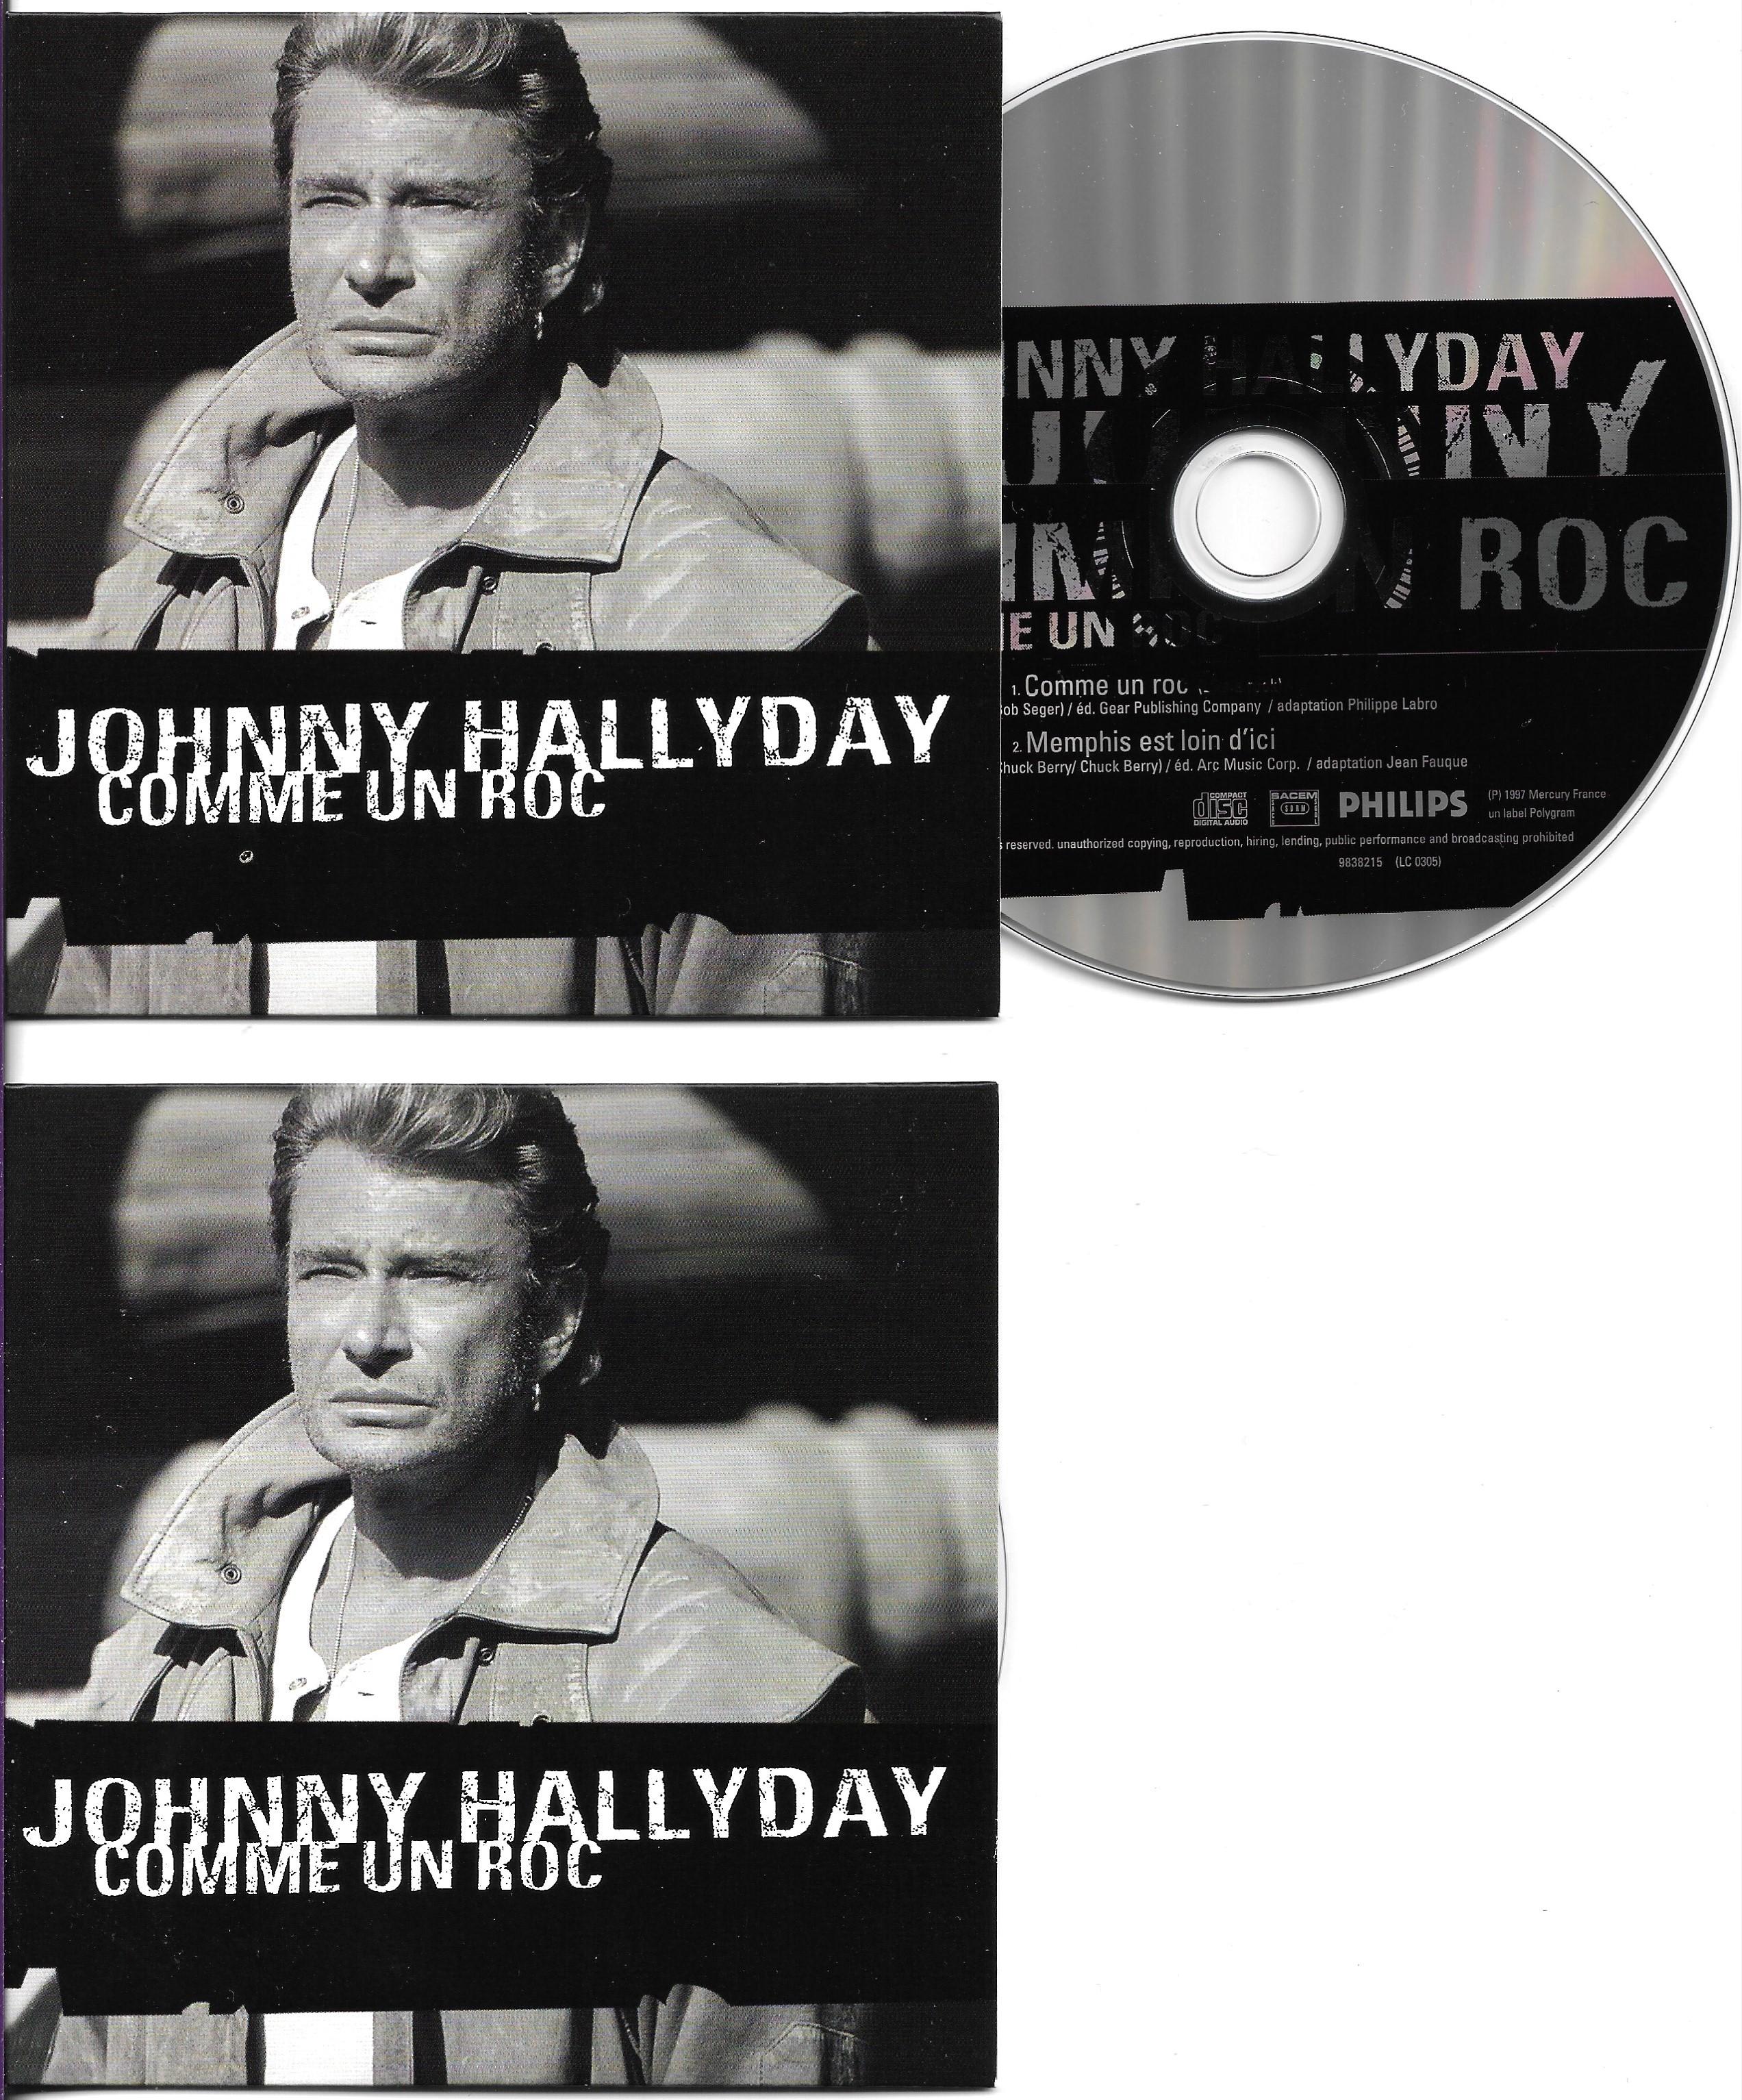 JOHNNY HALLYDAY - Comme un roc 2-track Ltd ed CARD SLEEVE - CD single